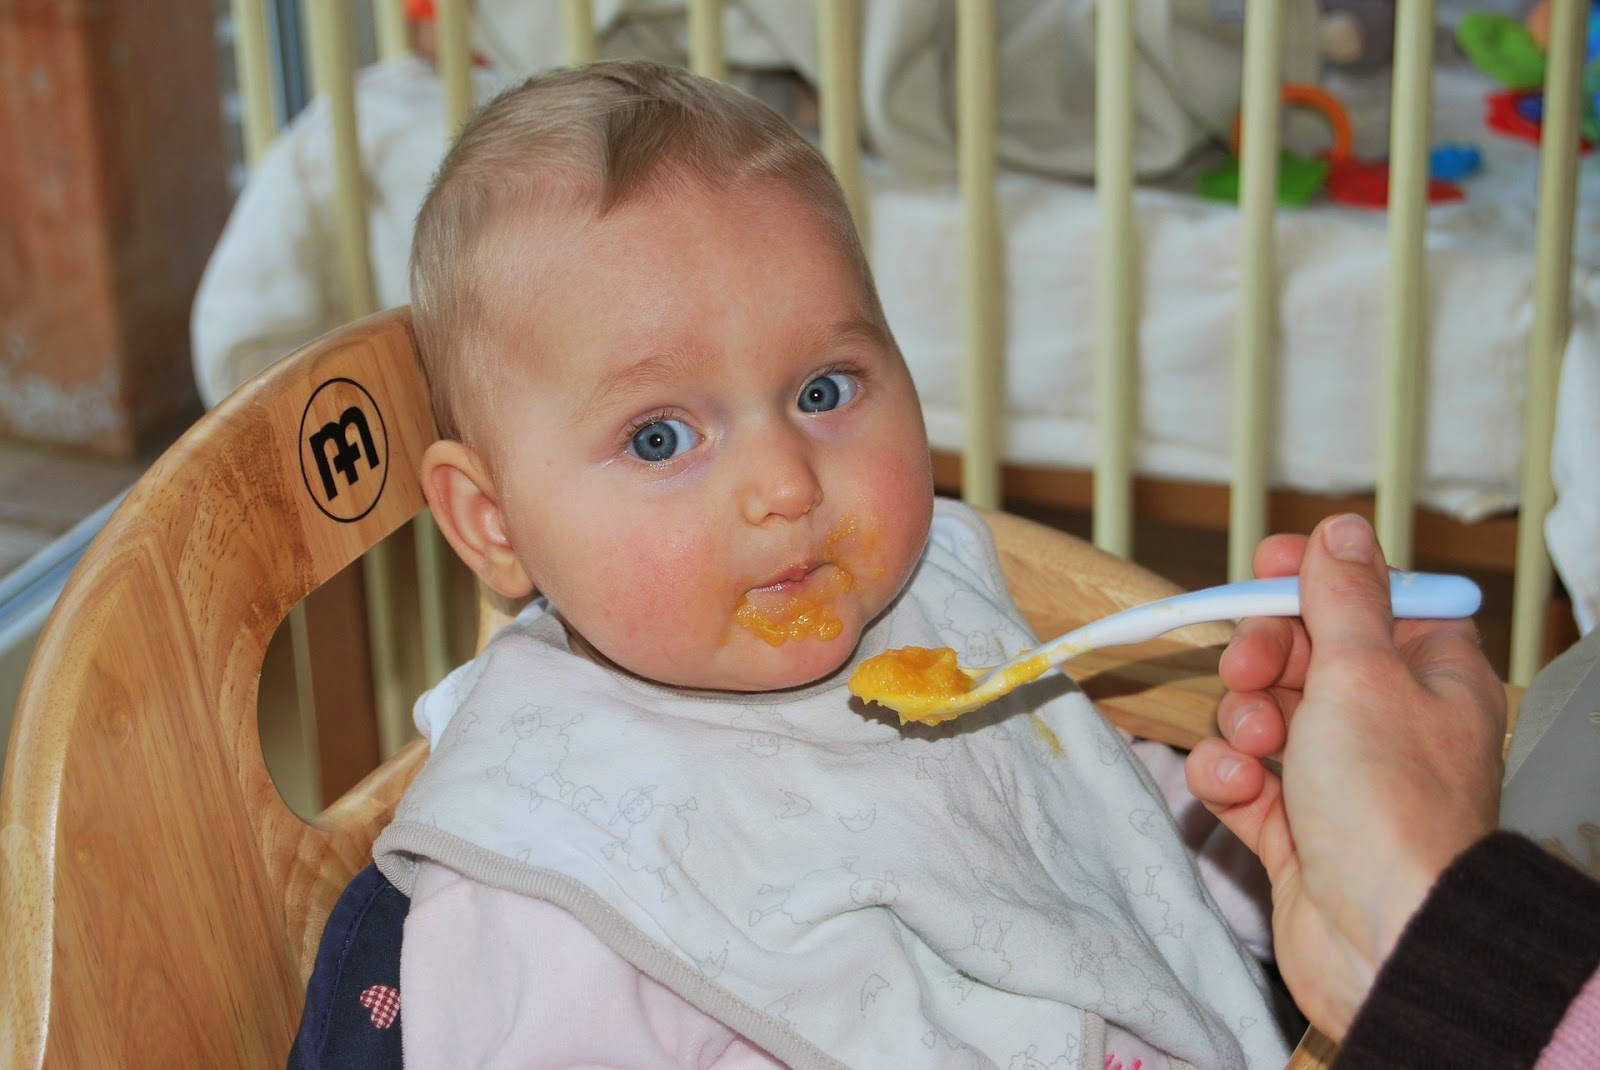 Kind wird mit Brei gefüttert